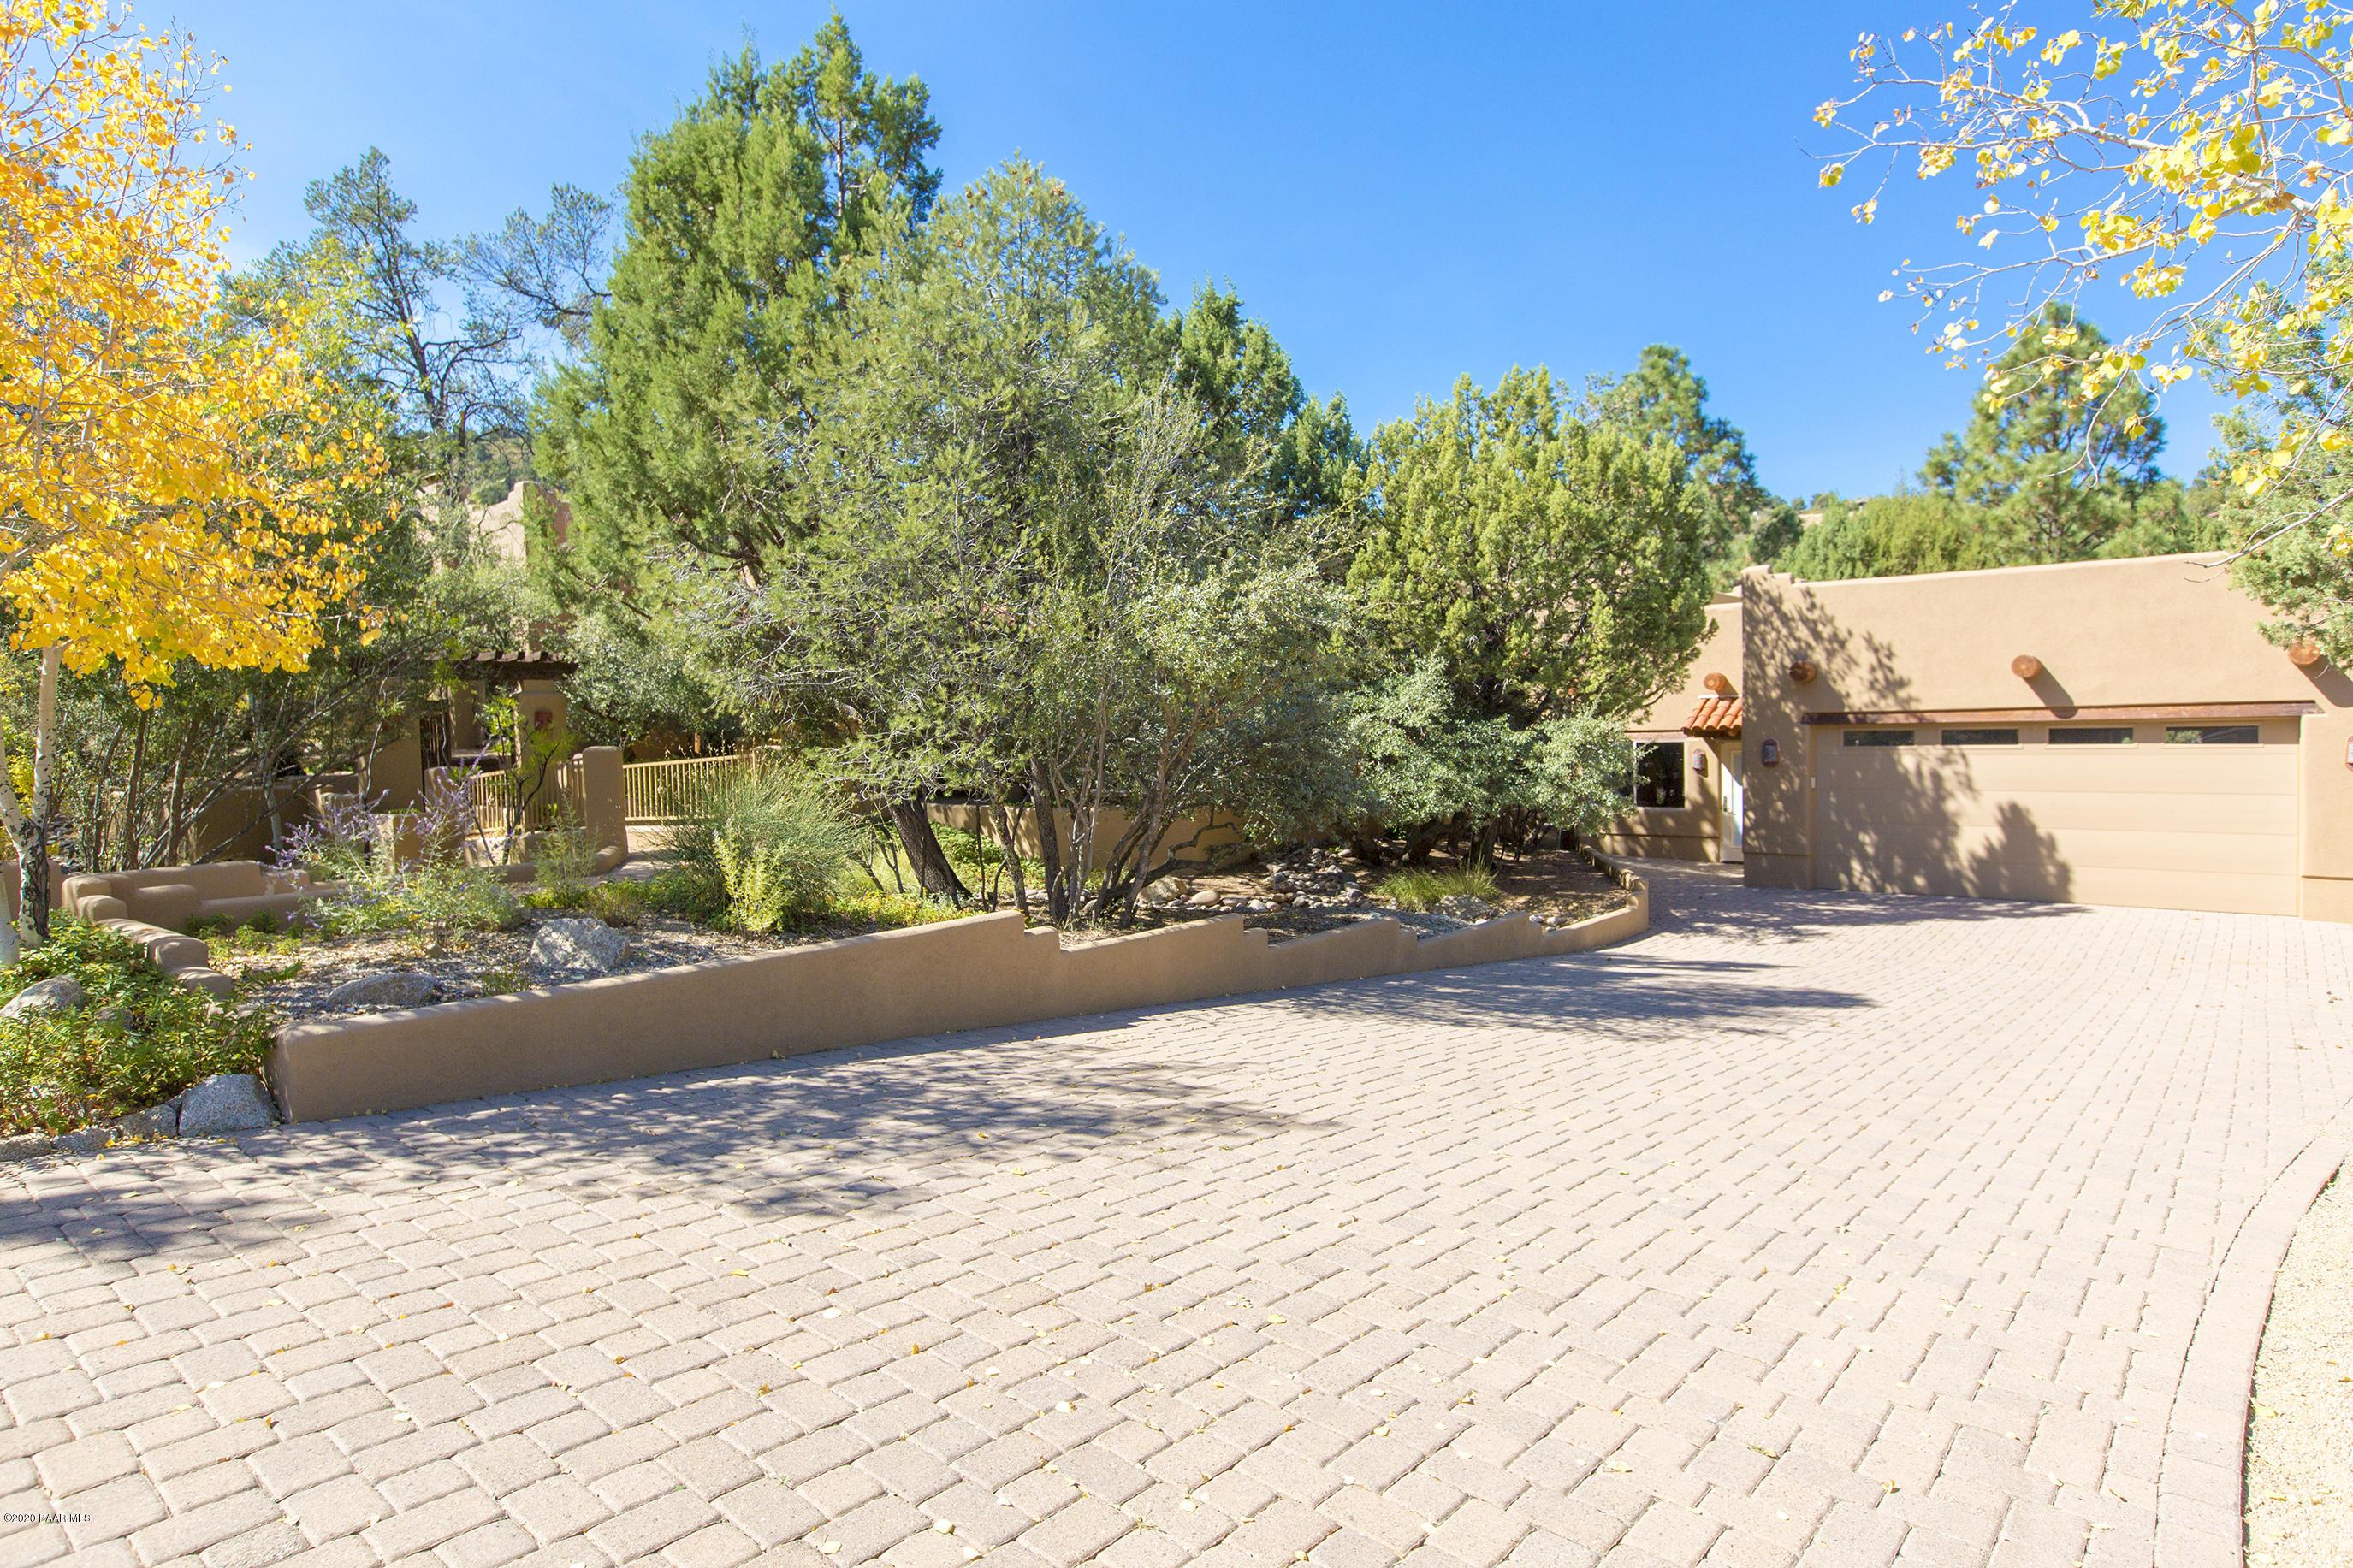 Photo of 612 Heather Brook, Prescott, AZ 86303